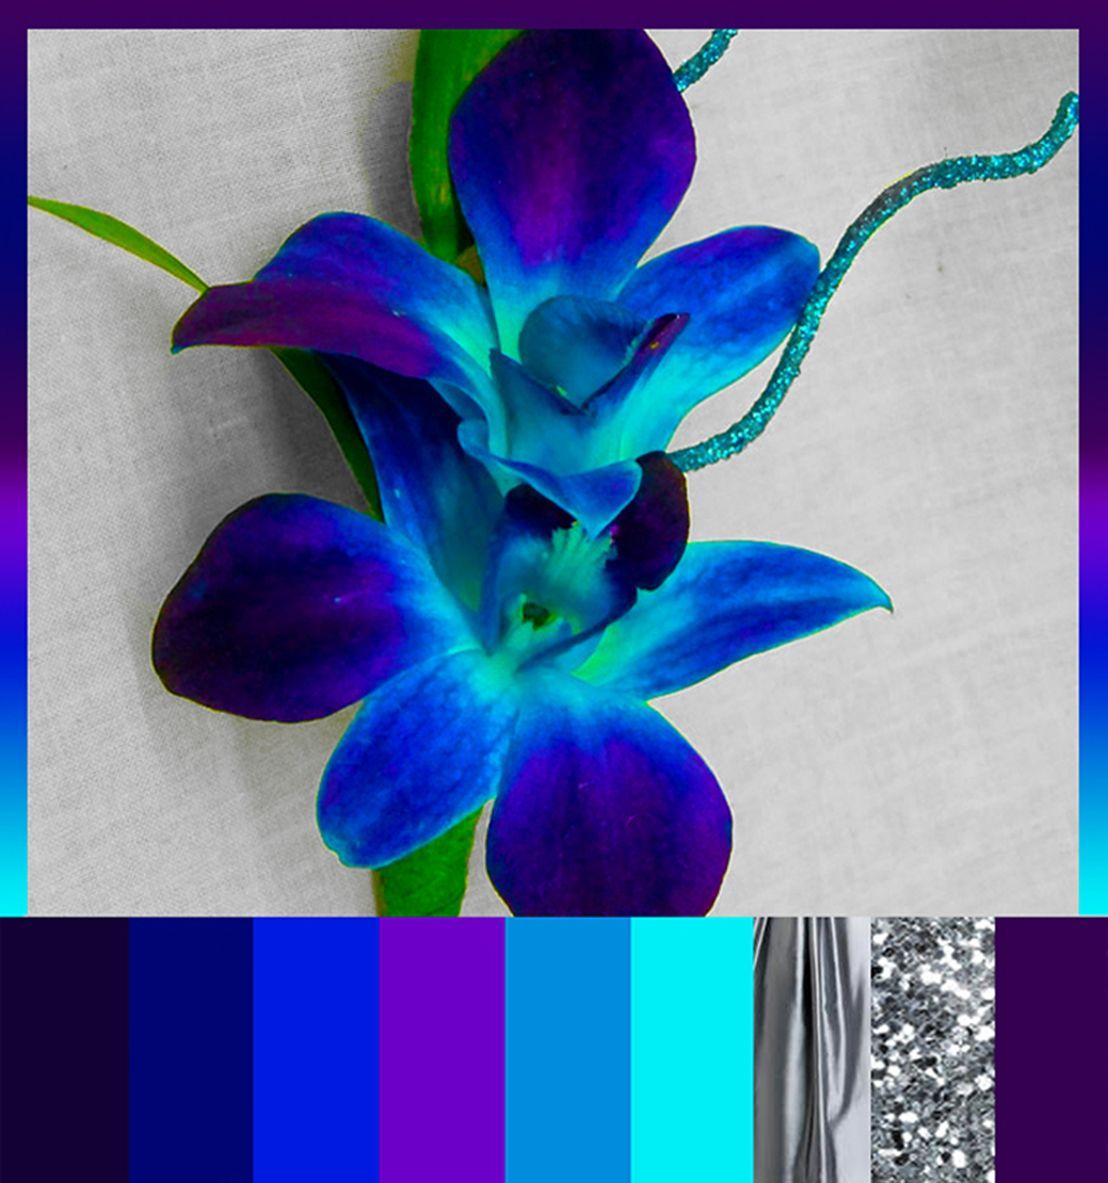 les 25 meilleures id es de la cat gorie orchid es bleues sur pinterest orchid e bleue mariage. Black Bedroom Furniture Sets. Home Design Ideas